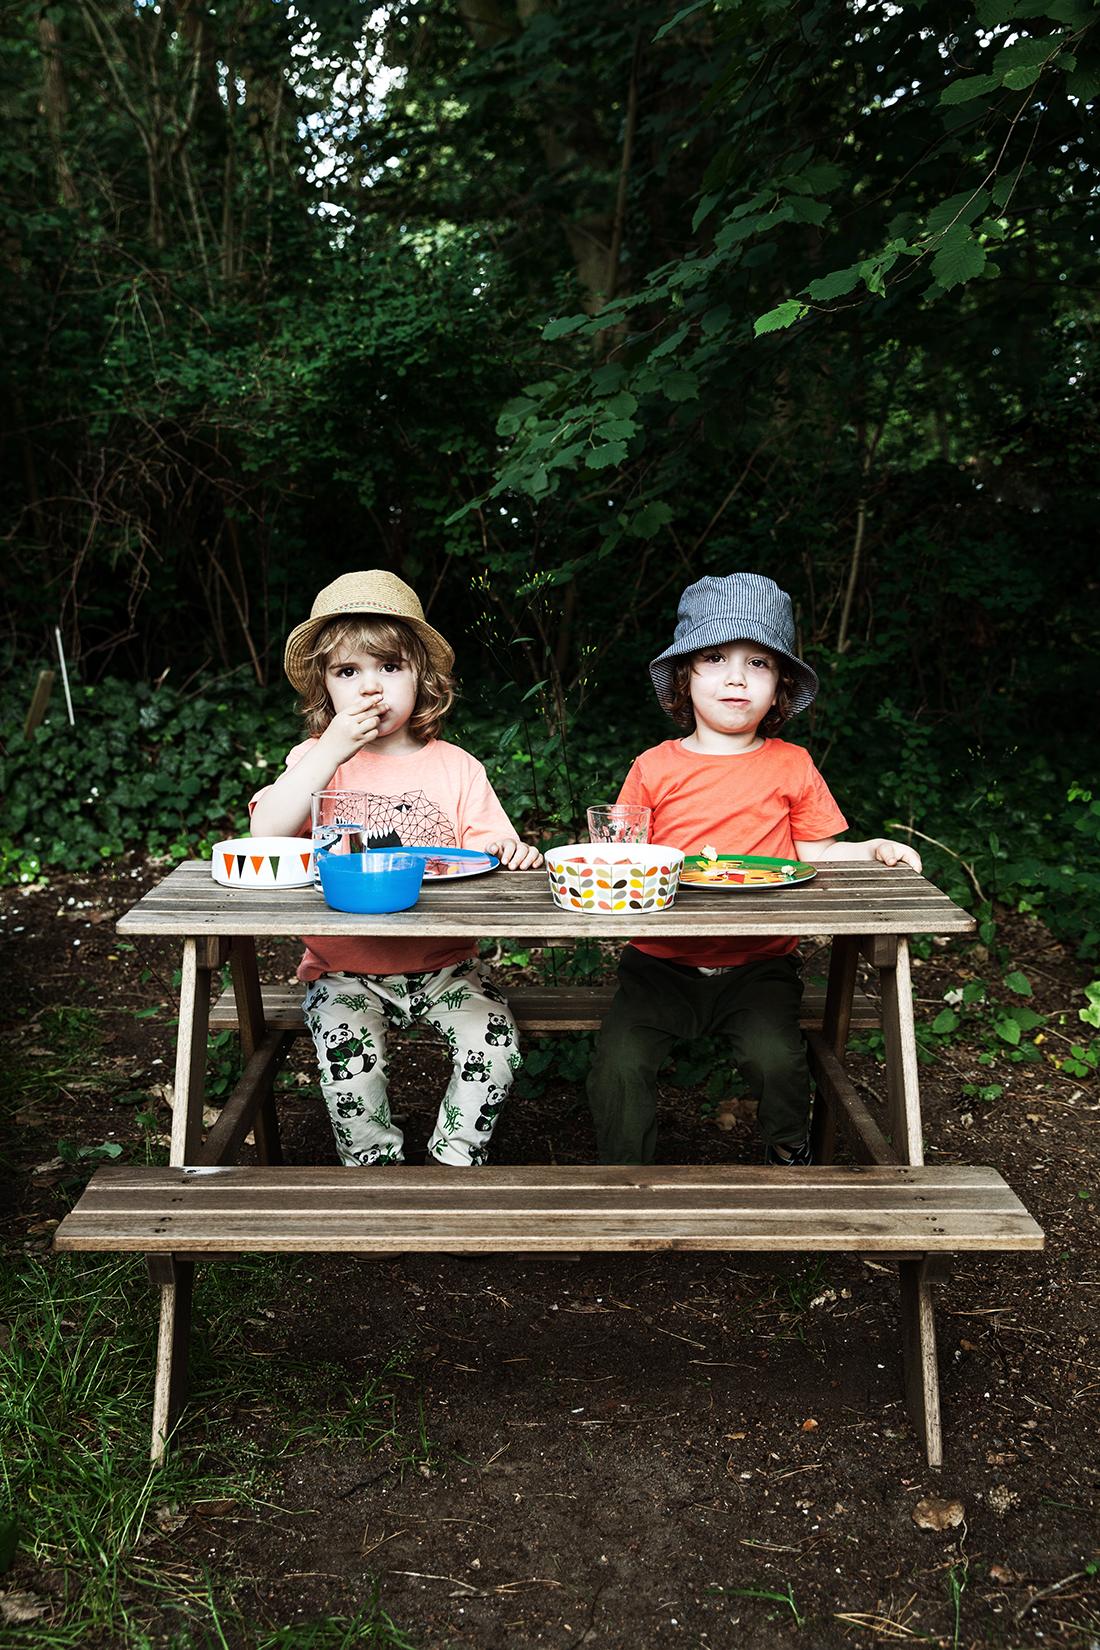 Zwei Jungen an Picknicktisch. Kinderportrait von der Kinderfotografin © Miriam Ellerbrake, Berlin